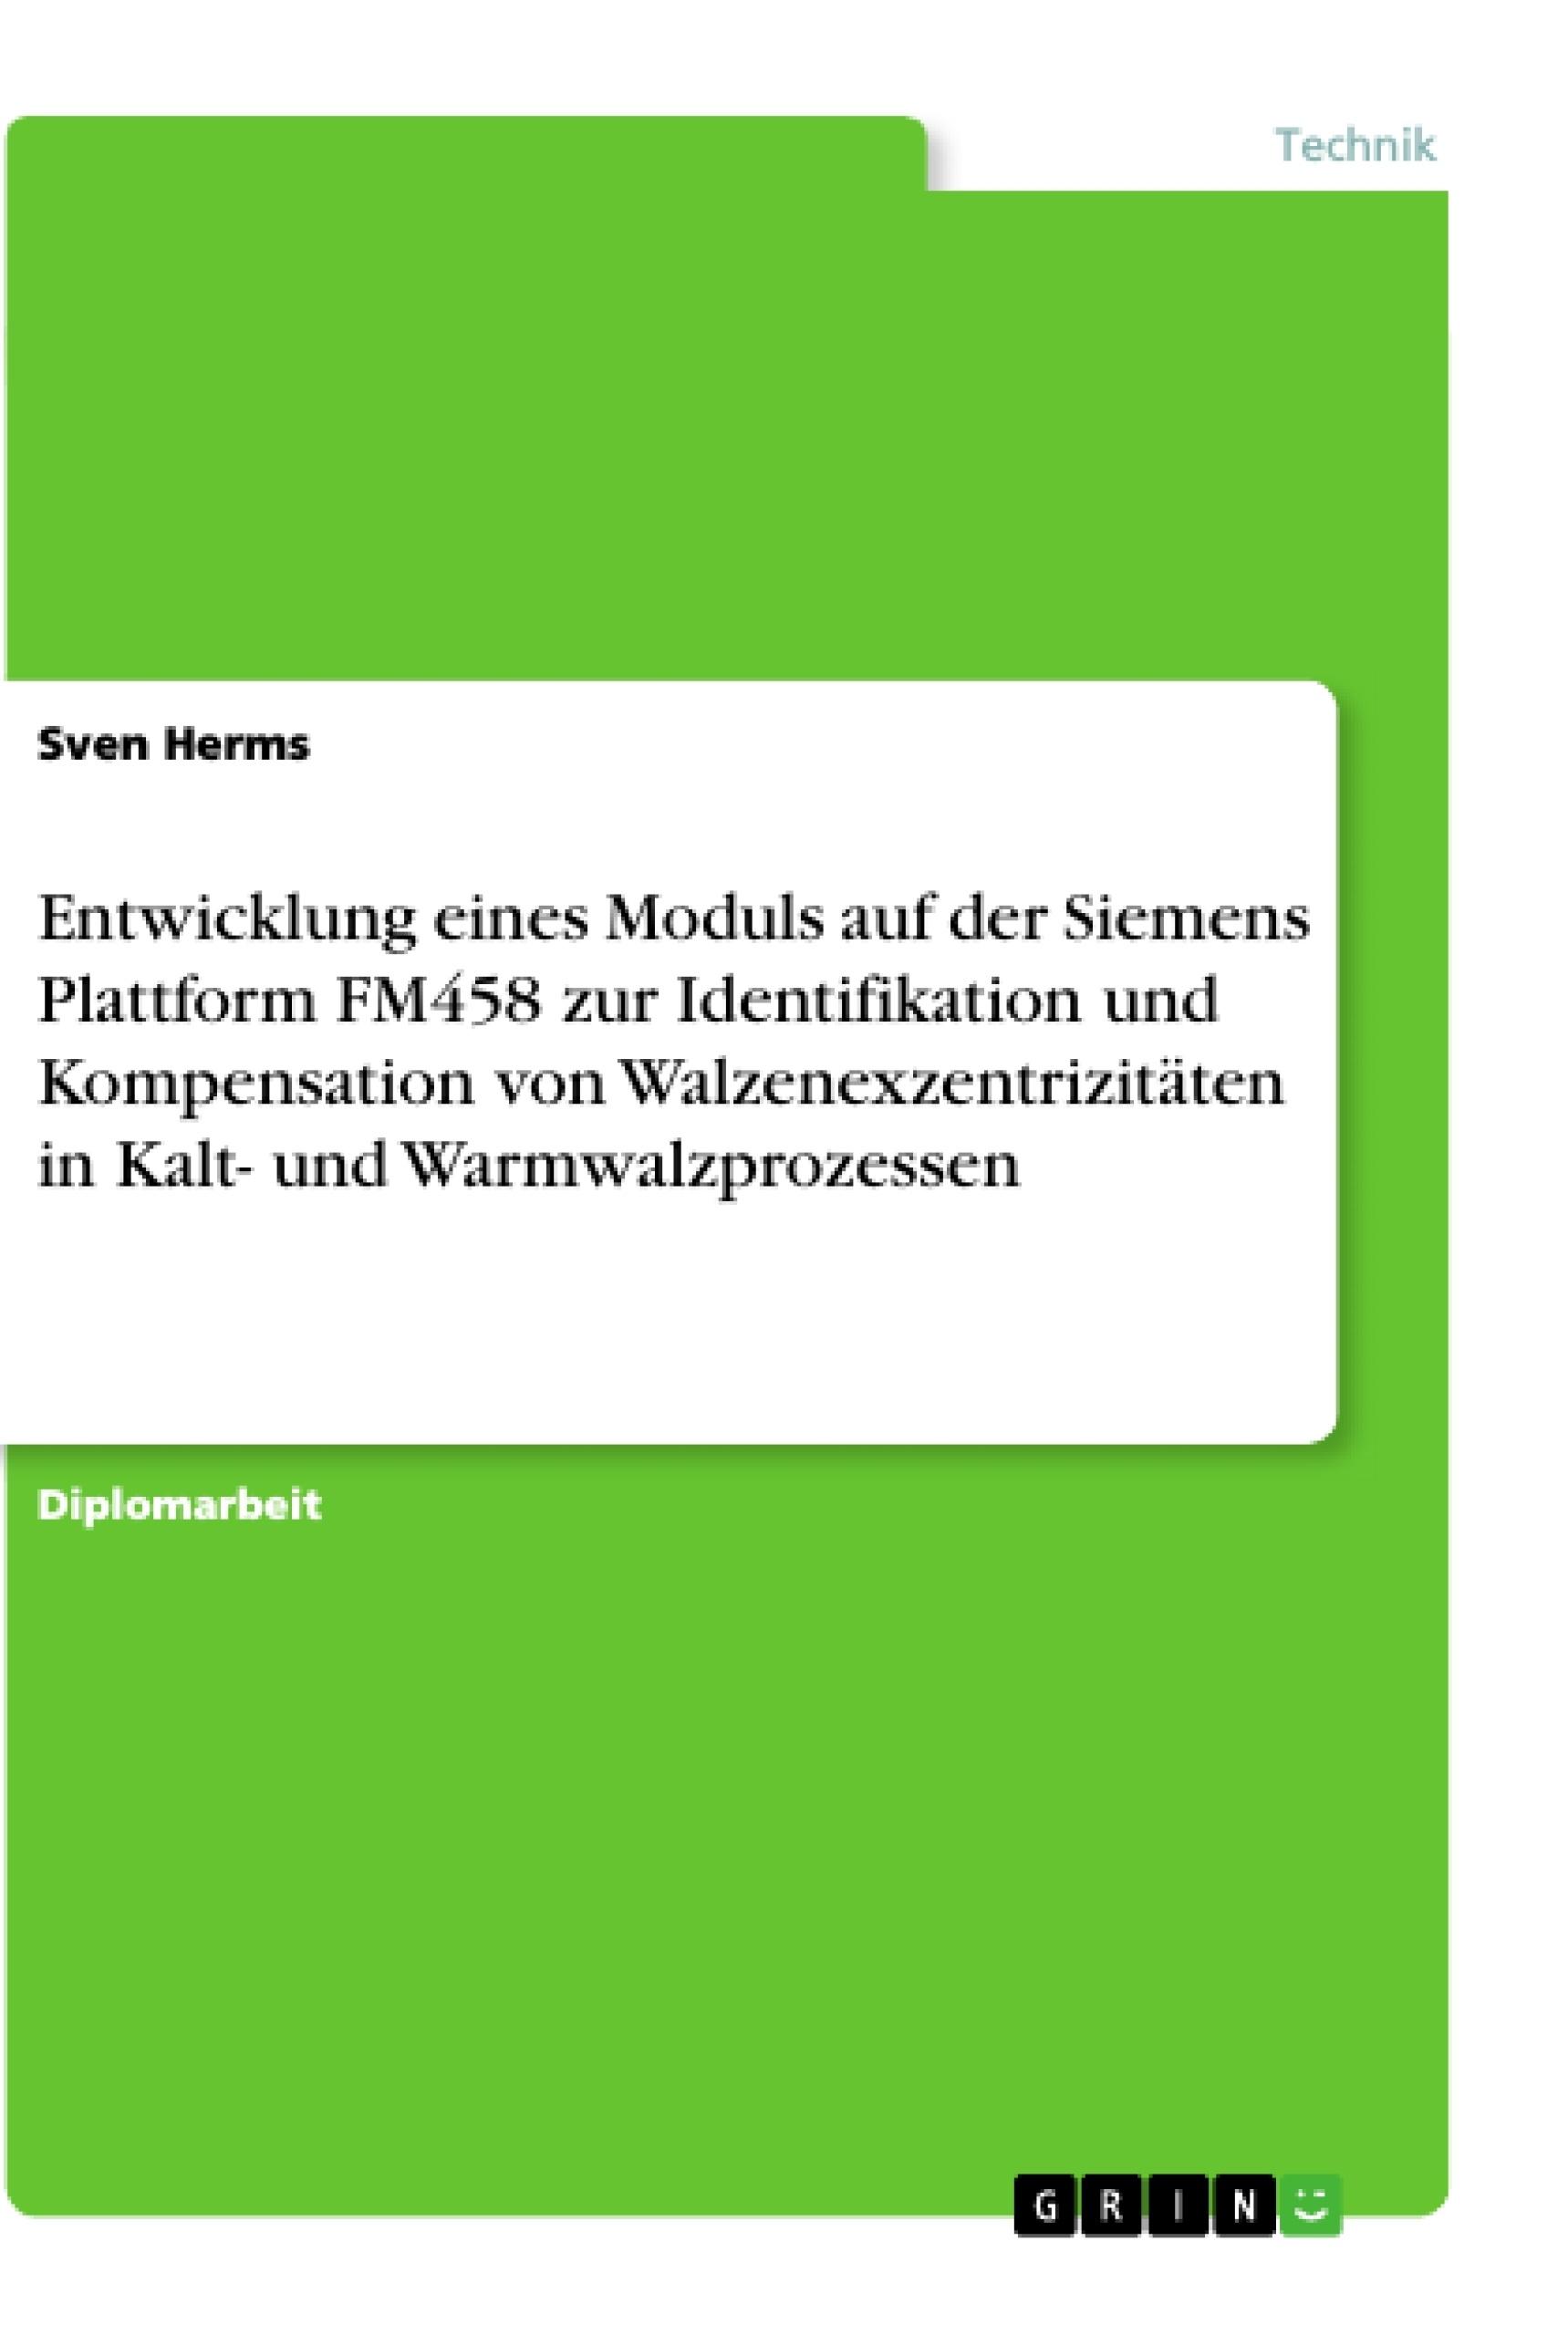 Titel: Entwicklung eines Moduls auf der Siemens Plattform FM458 zur Identifikation und Kompensation von Walzenexzentrizitäten in Kalt- und Warmwalzprozessen